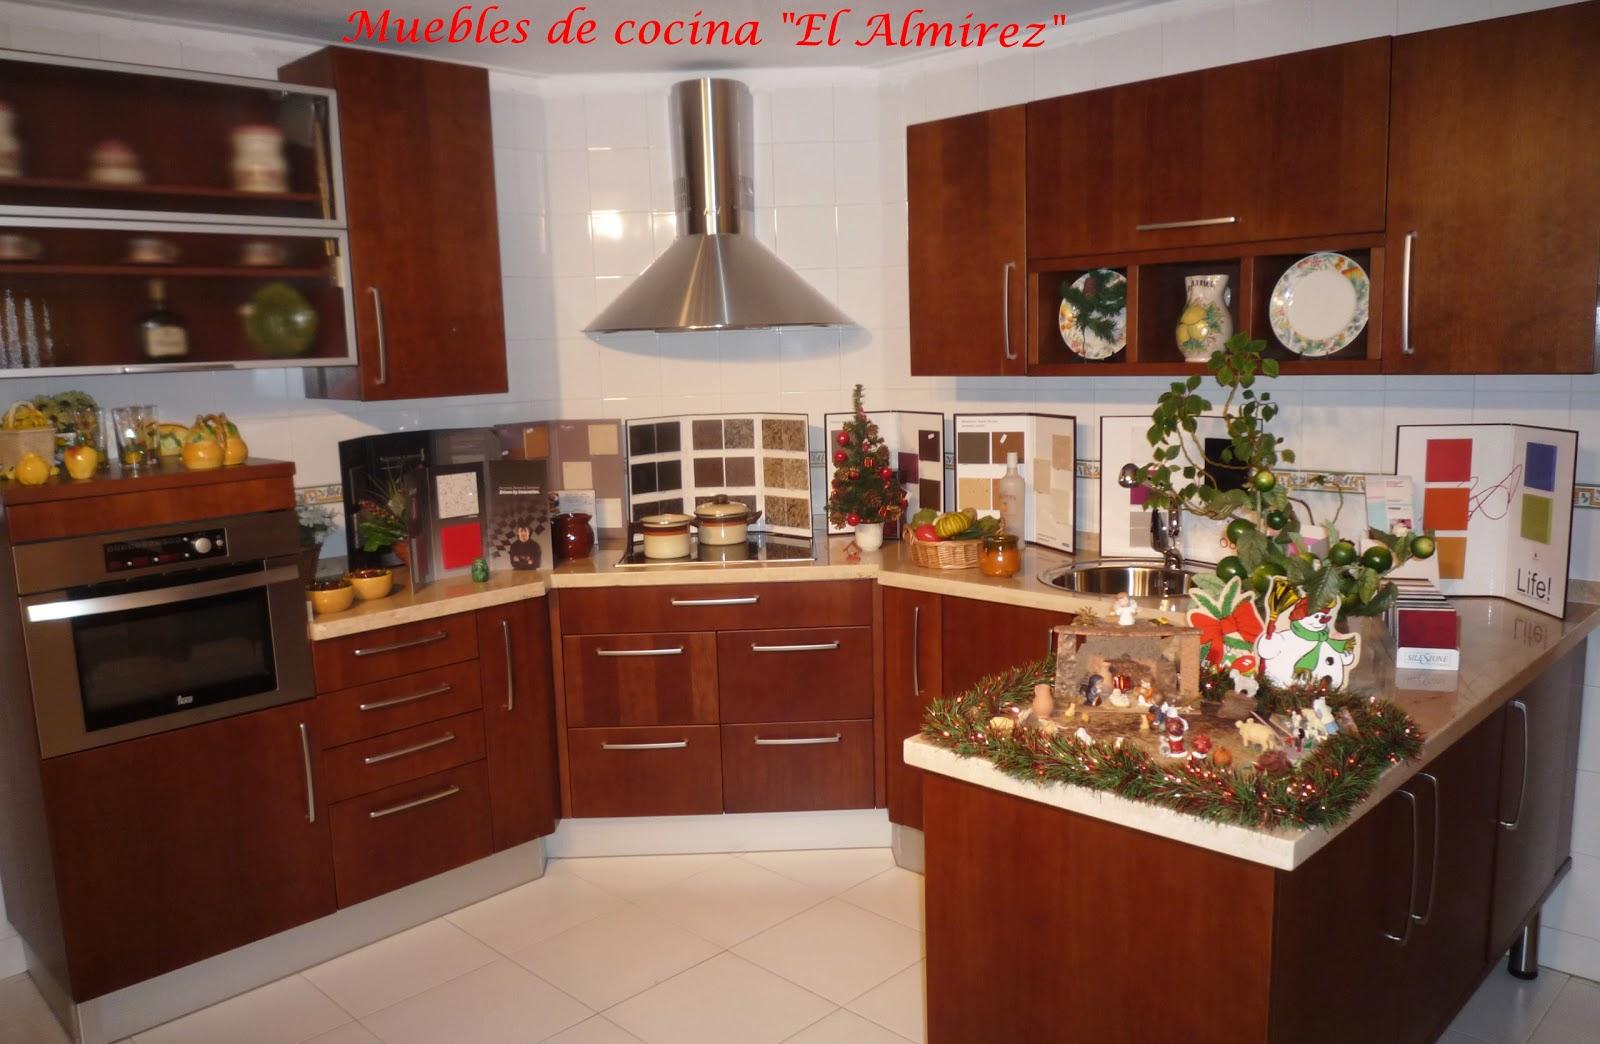 Casas cocinas mueble mejores muebles de cocina - Los mejores muebles de cocina ...